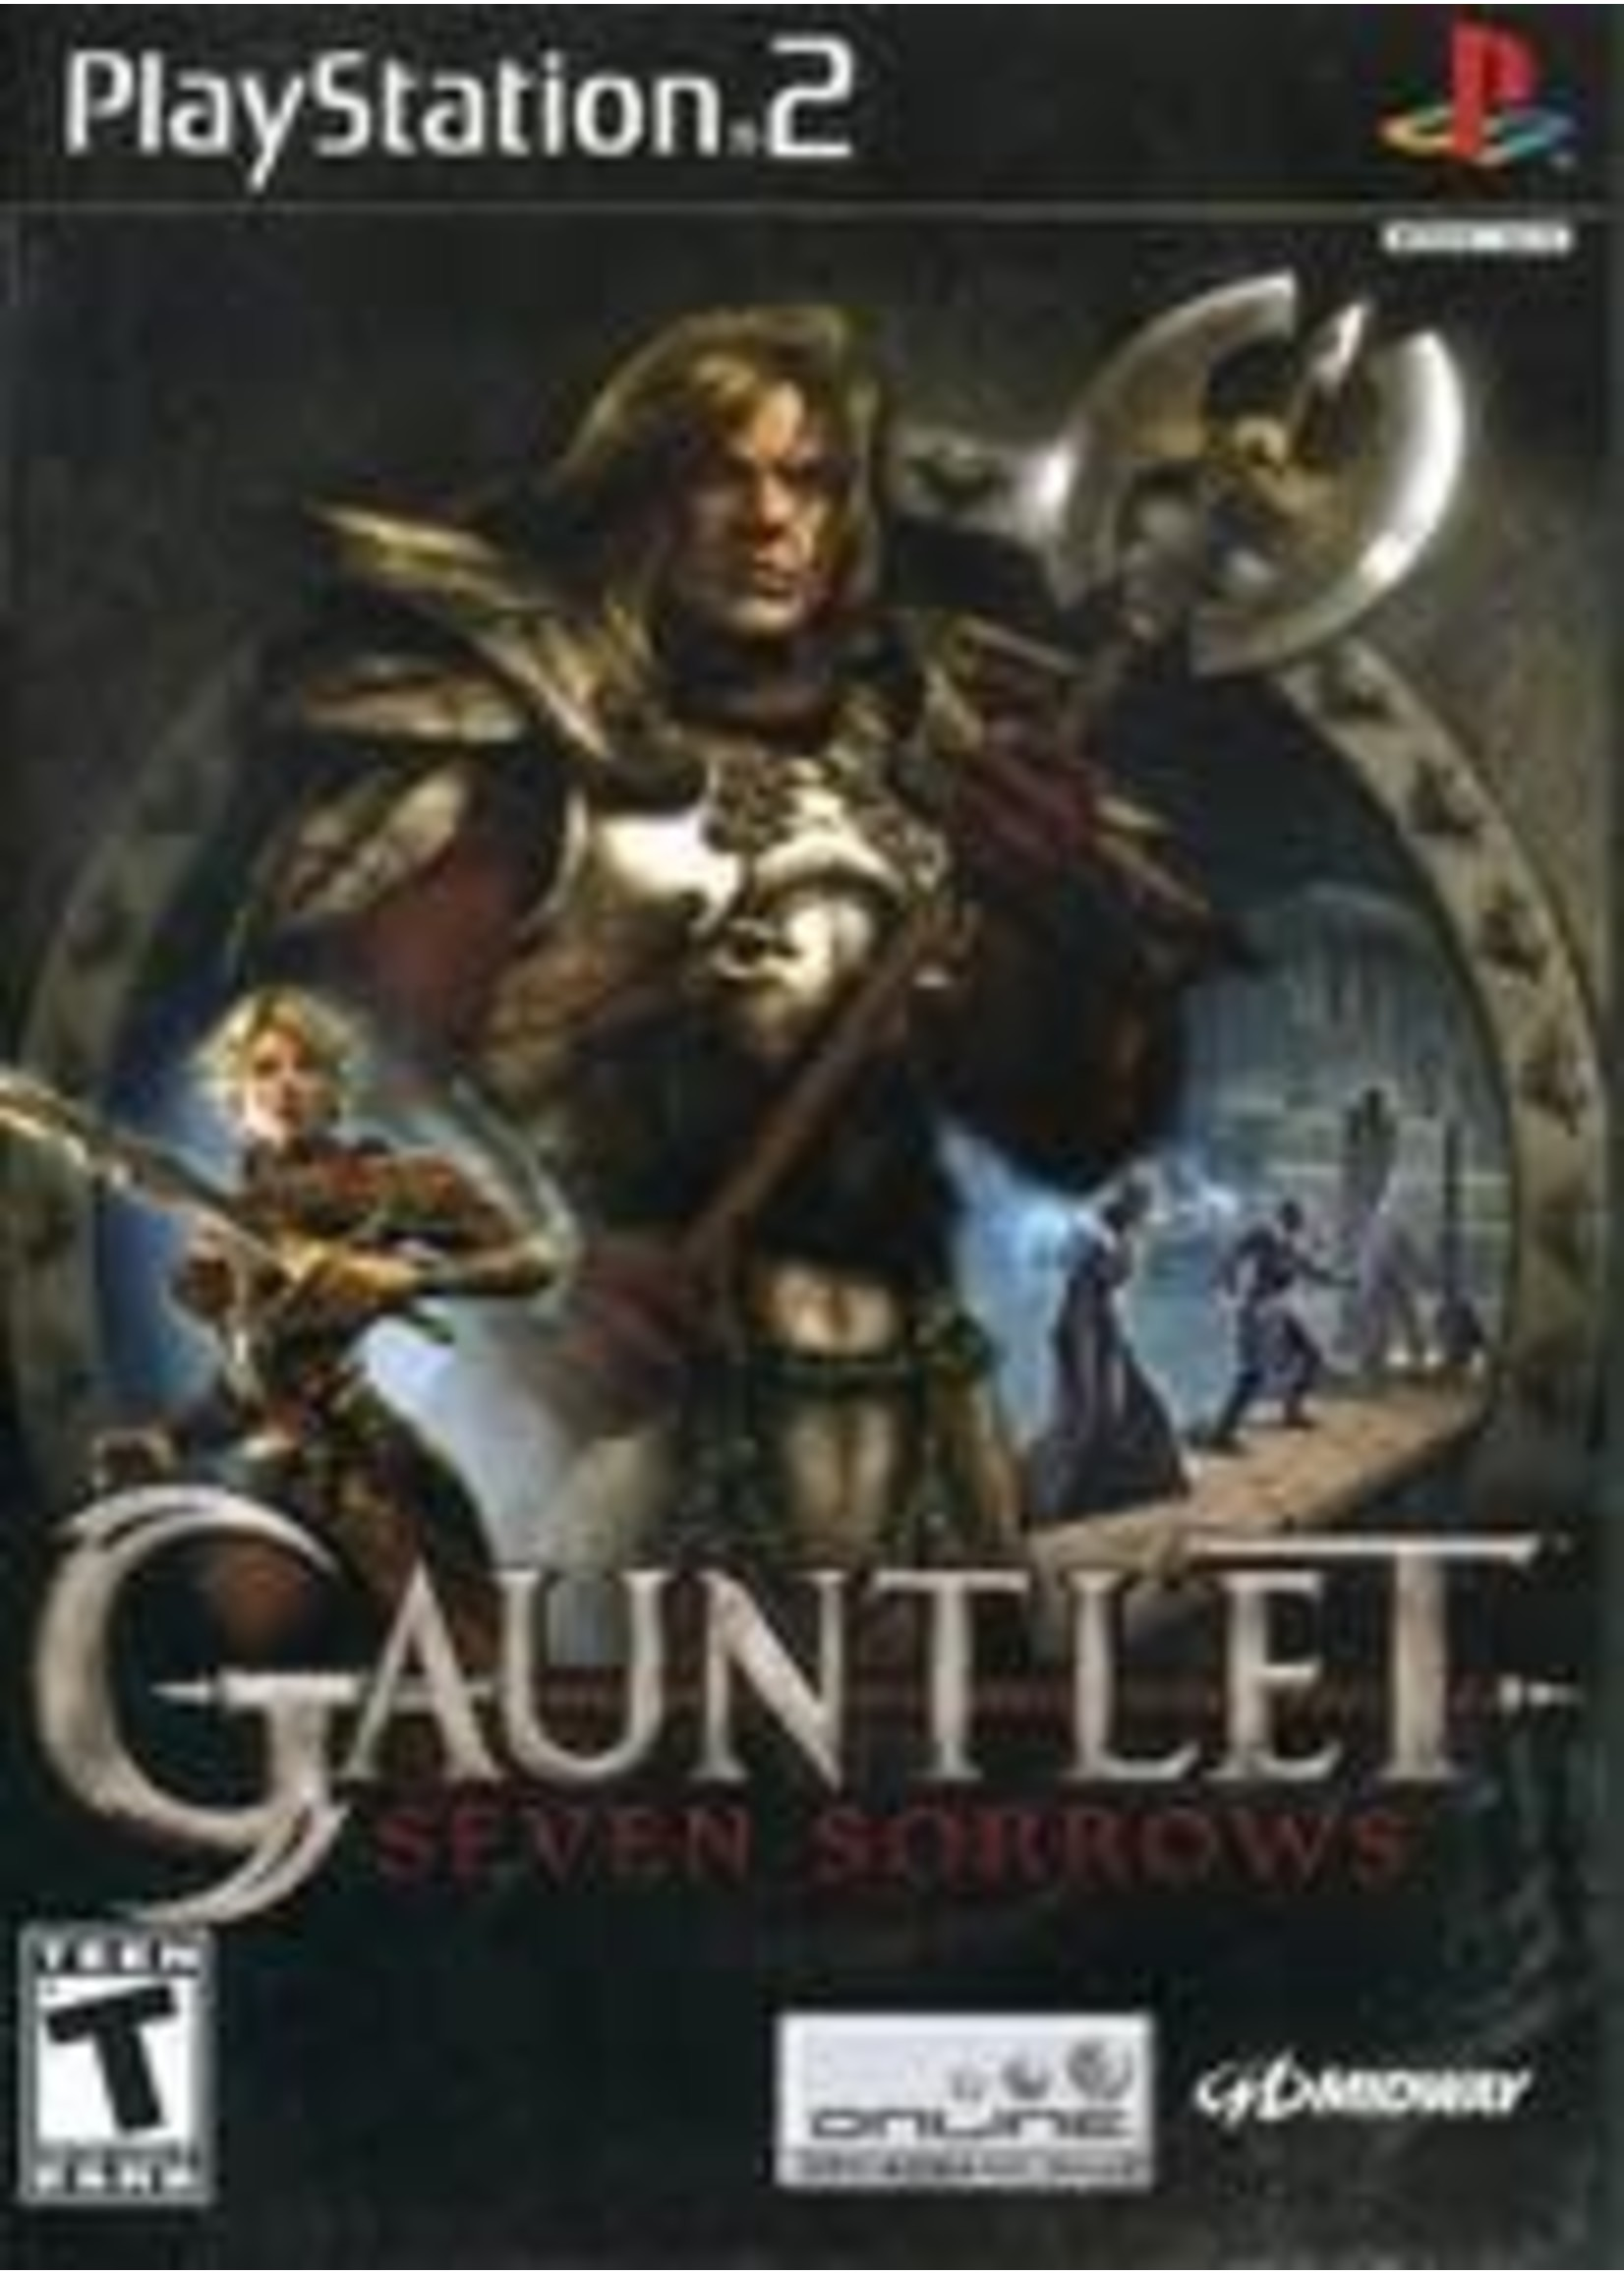 Gauntlet Seven Sorrows Playstation 2